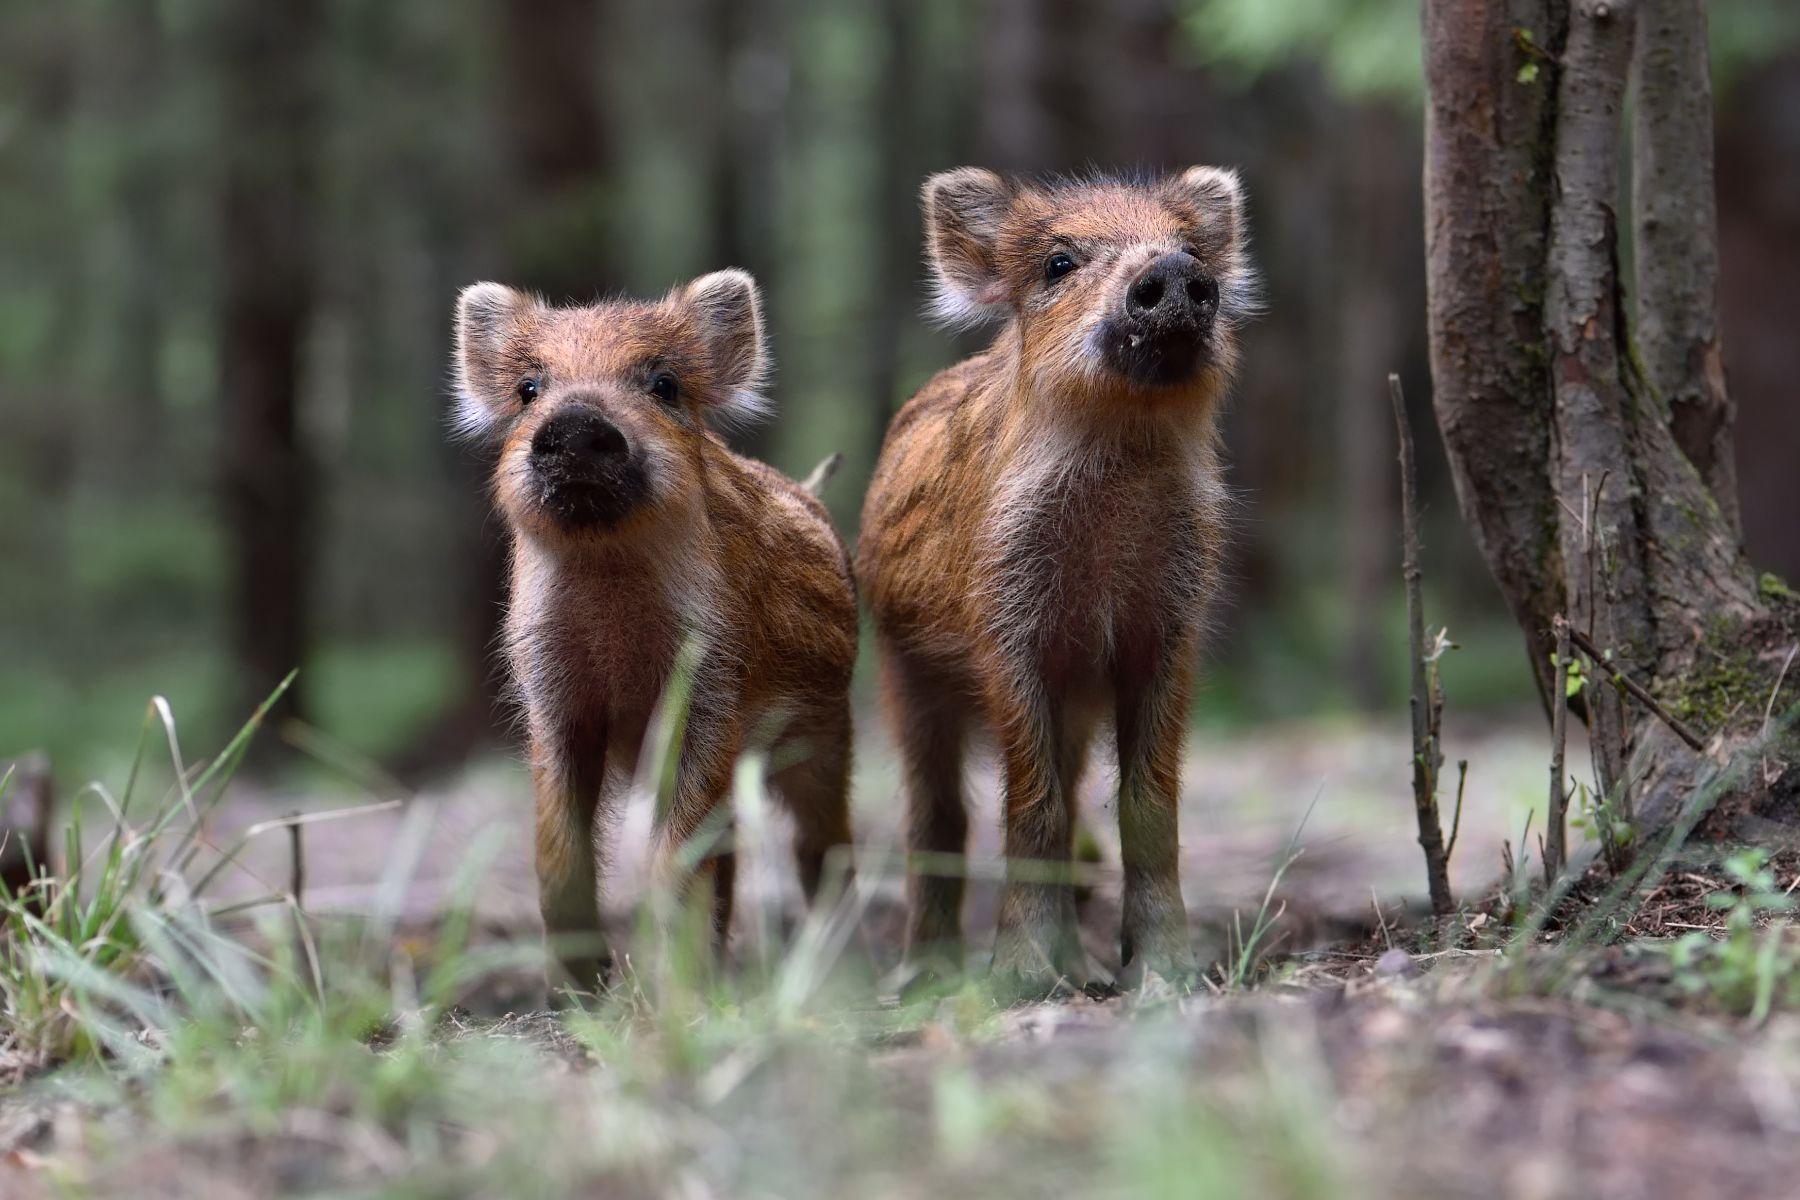 лес,животные,кабаны, Полуэктов Виталий